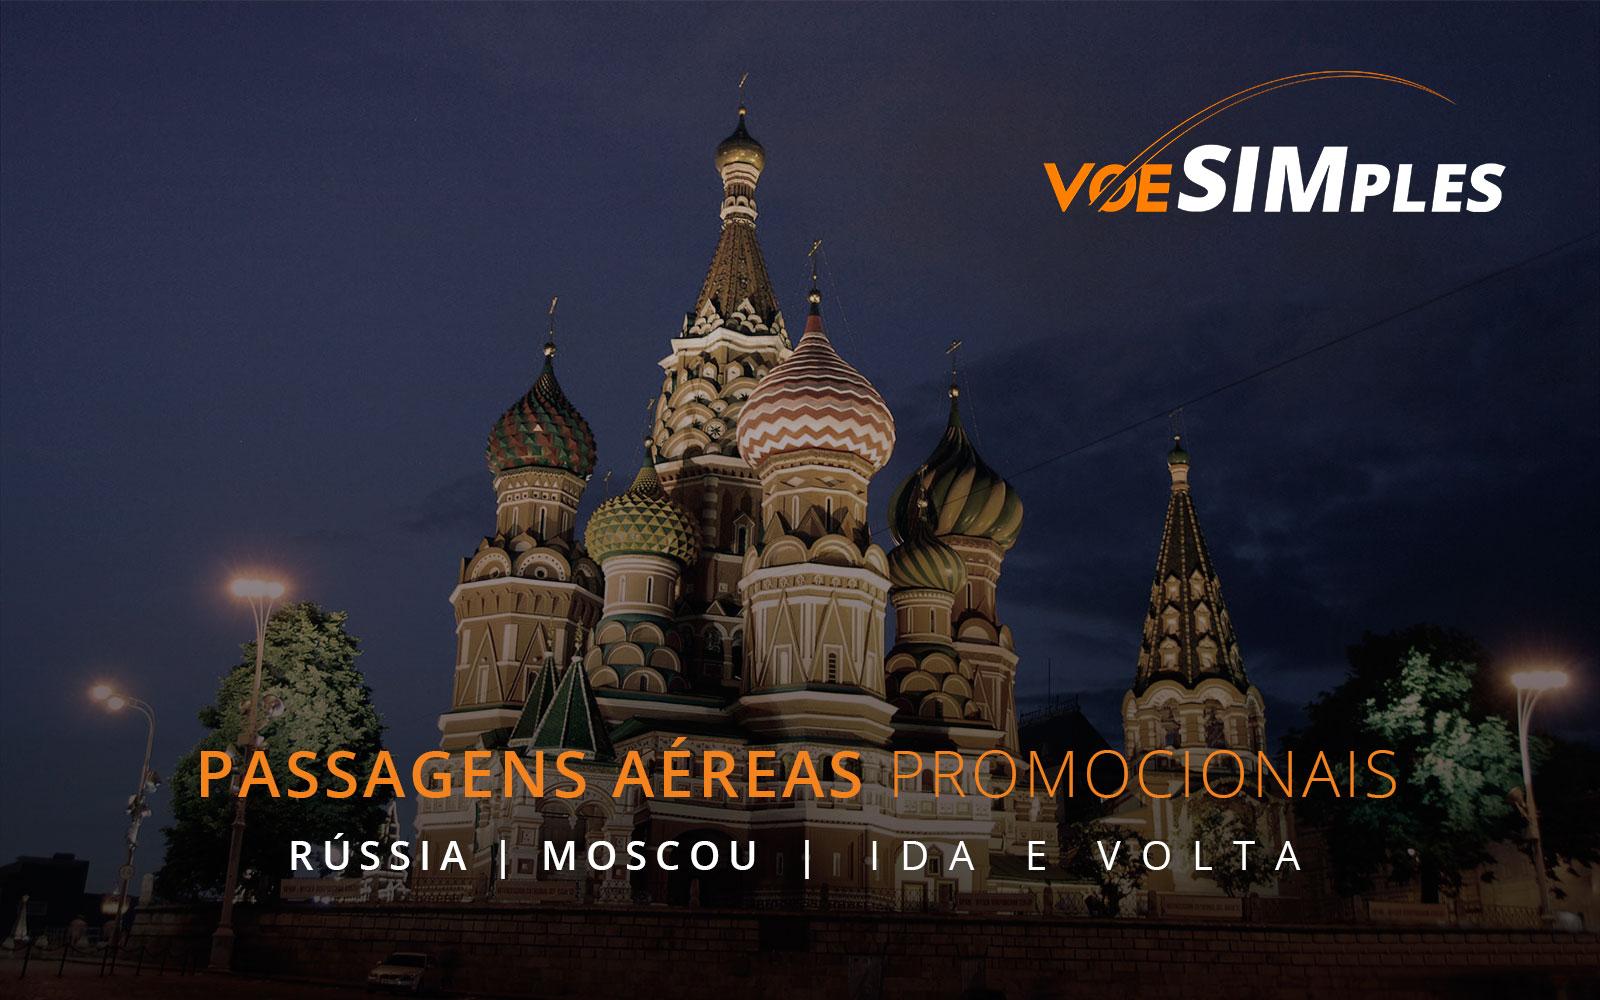 passagens-aereas-promocionais-moscou-russia-voe-simples-passagens-aereas-baratas-promocao-russia-moscou